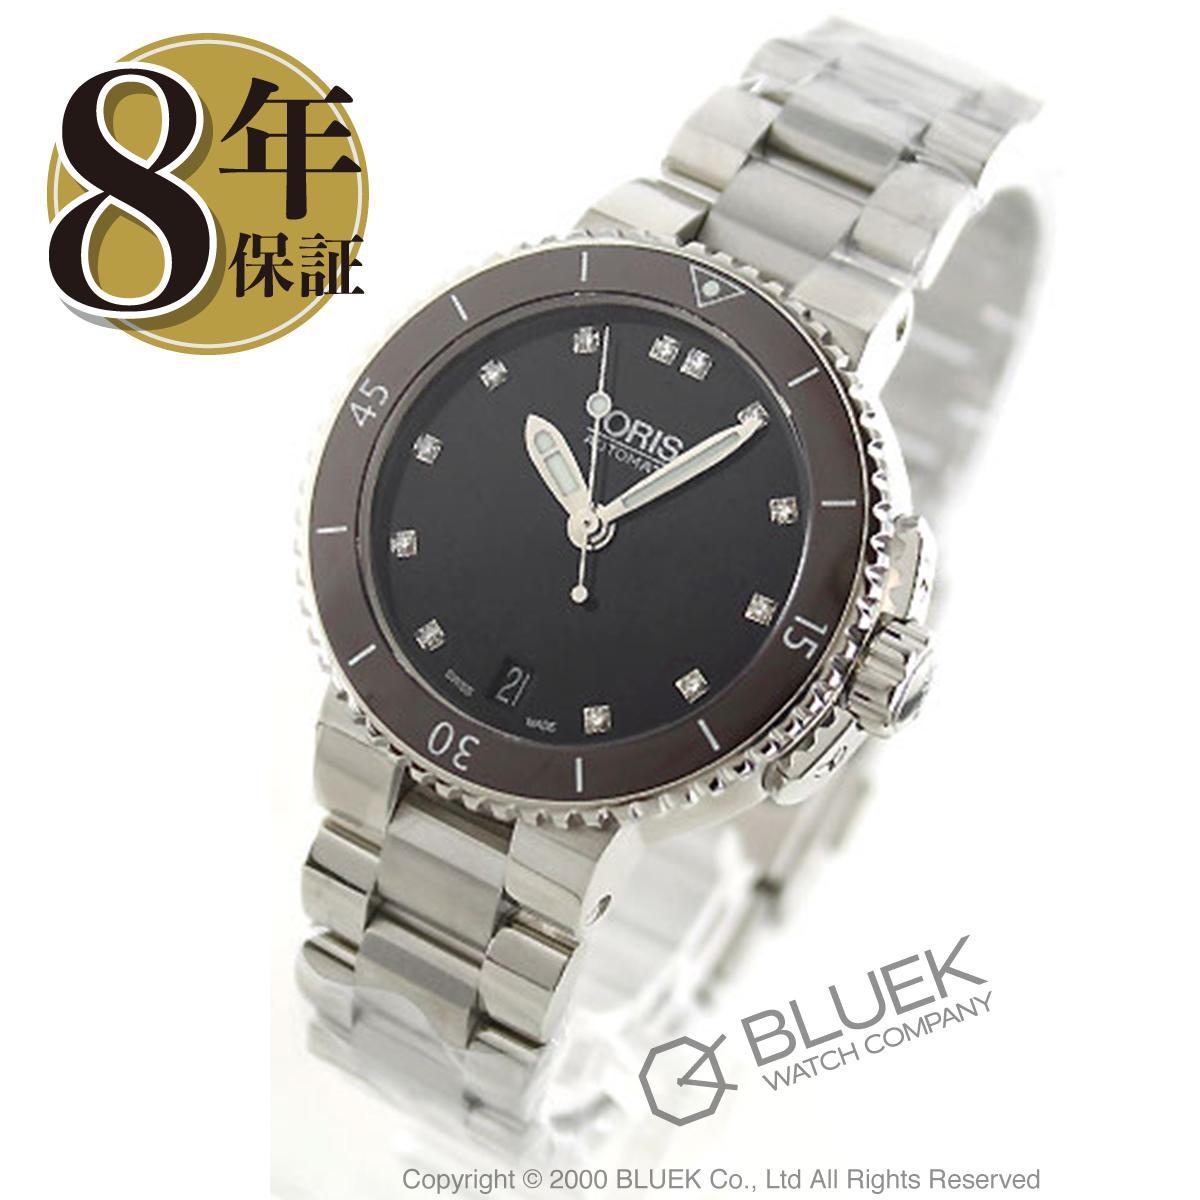 【3,000円OFFクーポン対象】オリス アクイス 300m防水 ダイヤ 腕時計 レディース ORIS 733 7652 4192M_8